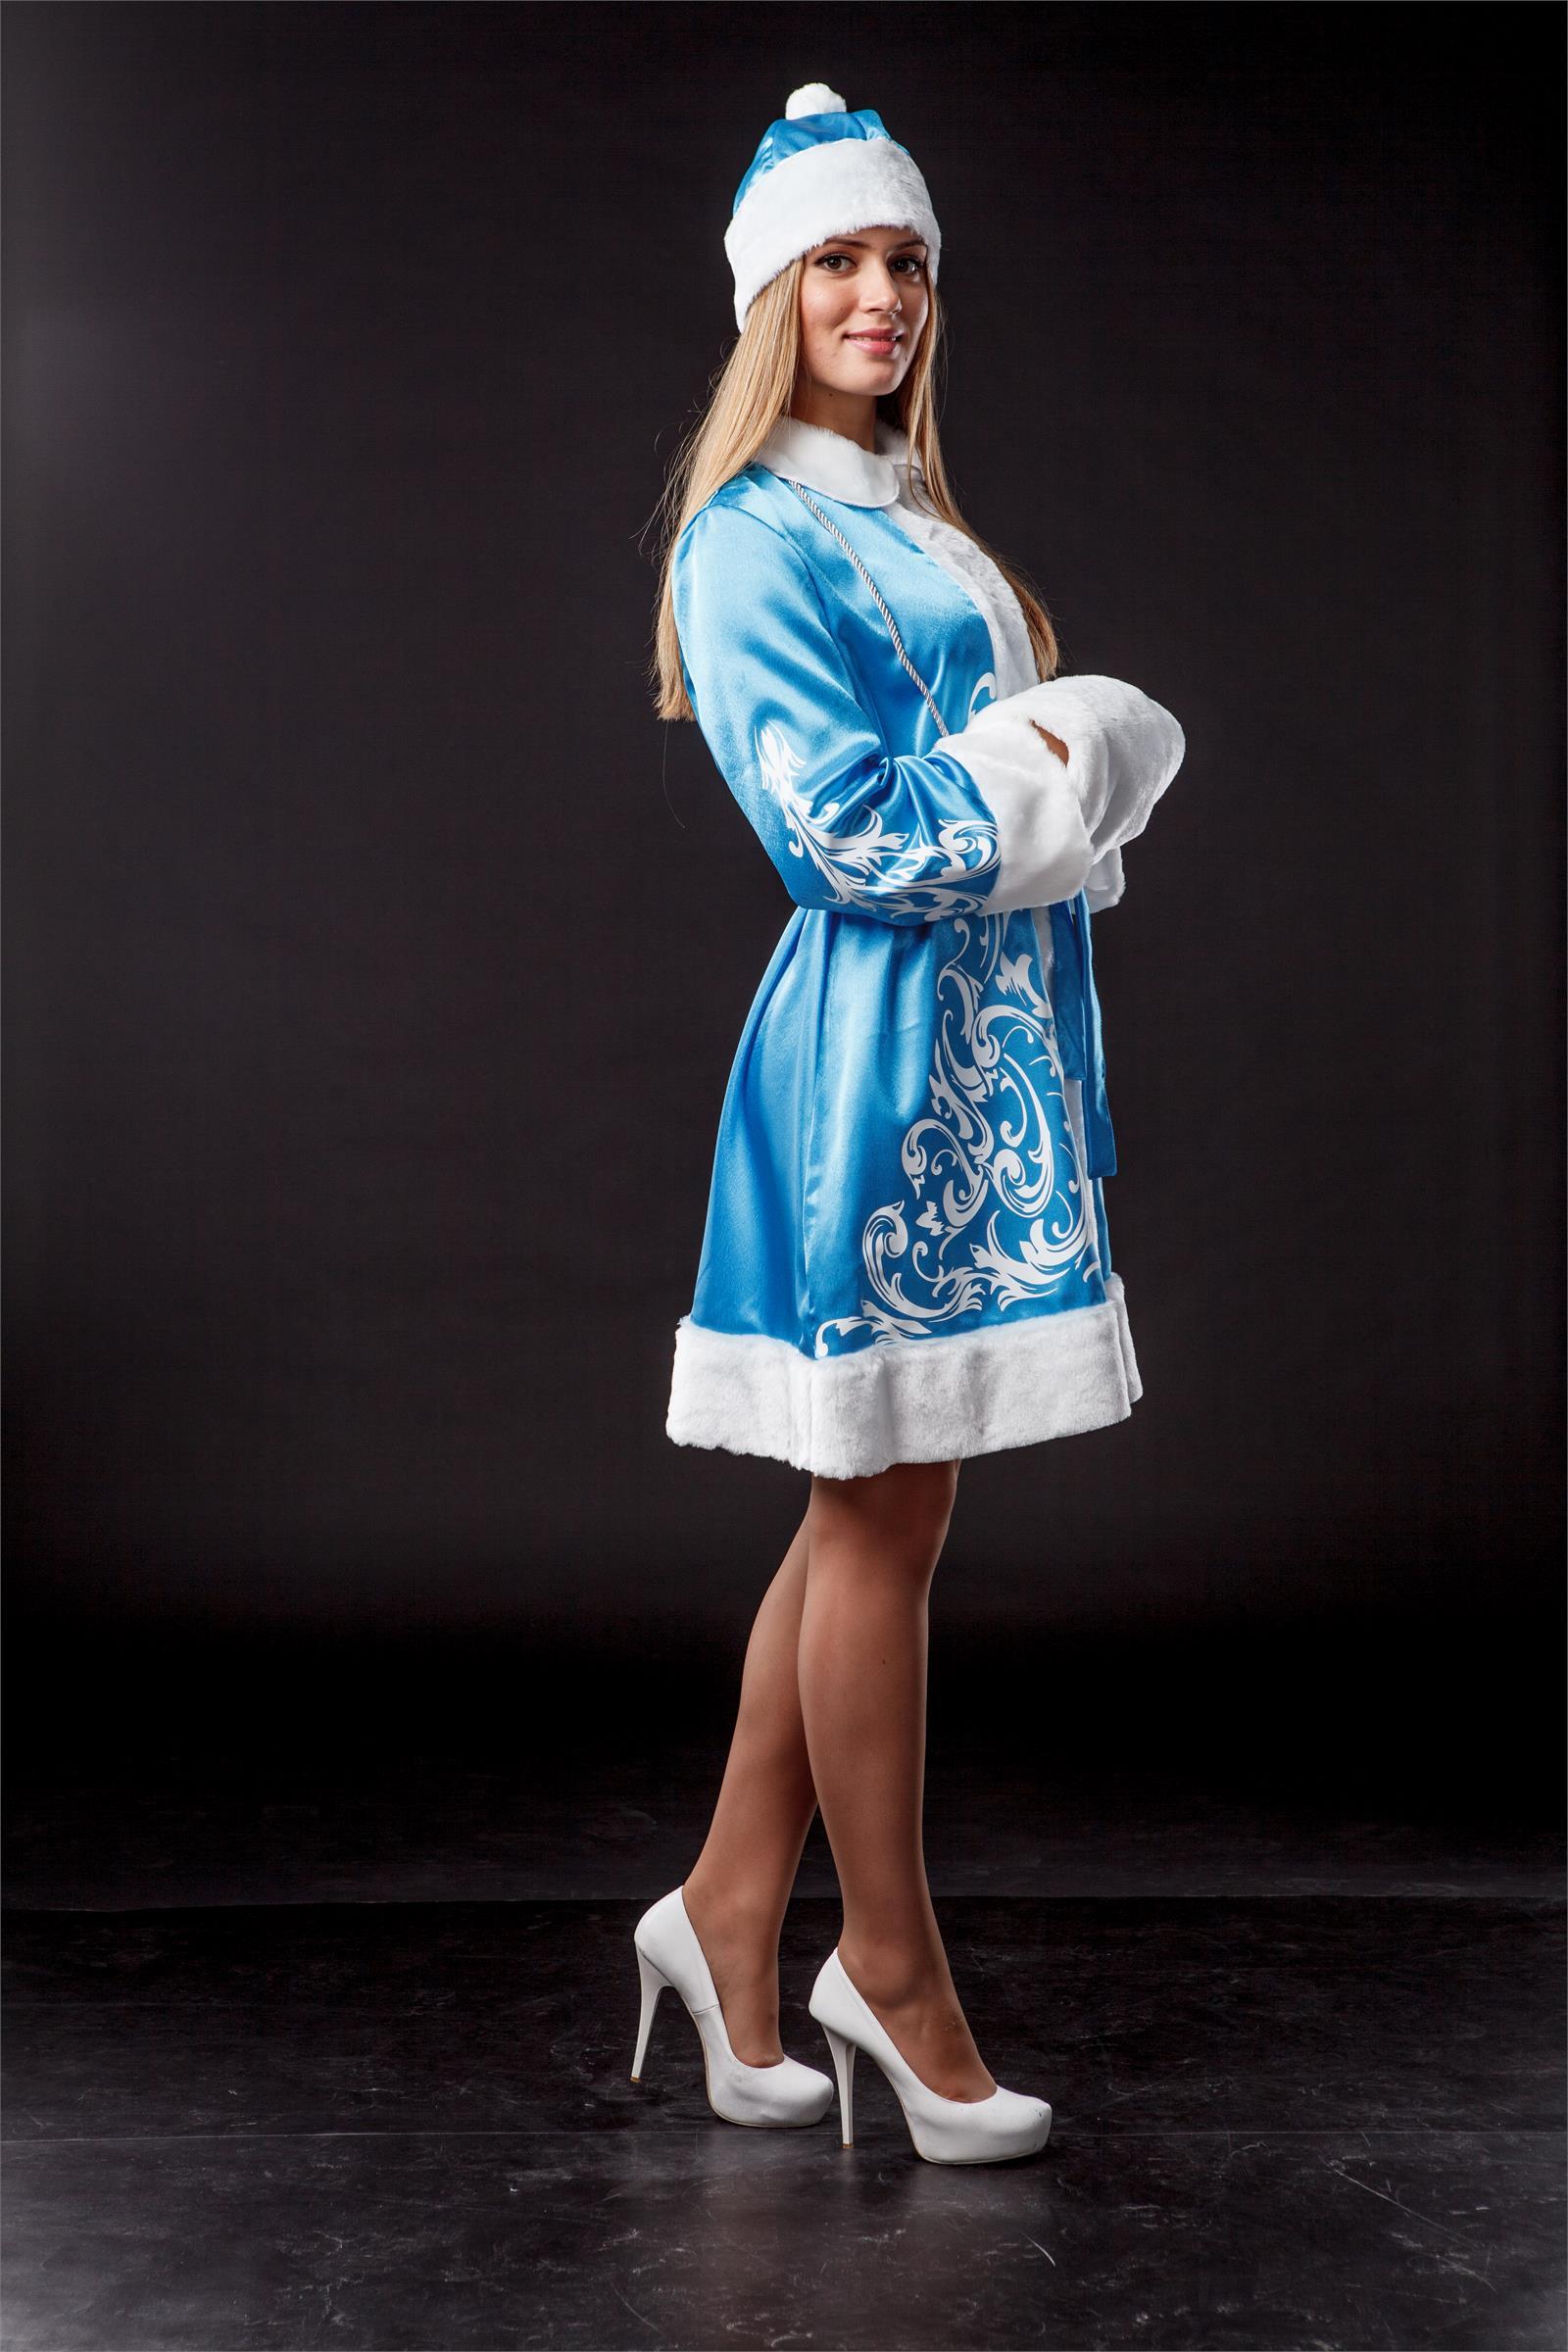 У снегурочки под платьем фото 20 фотография